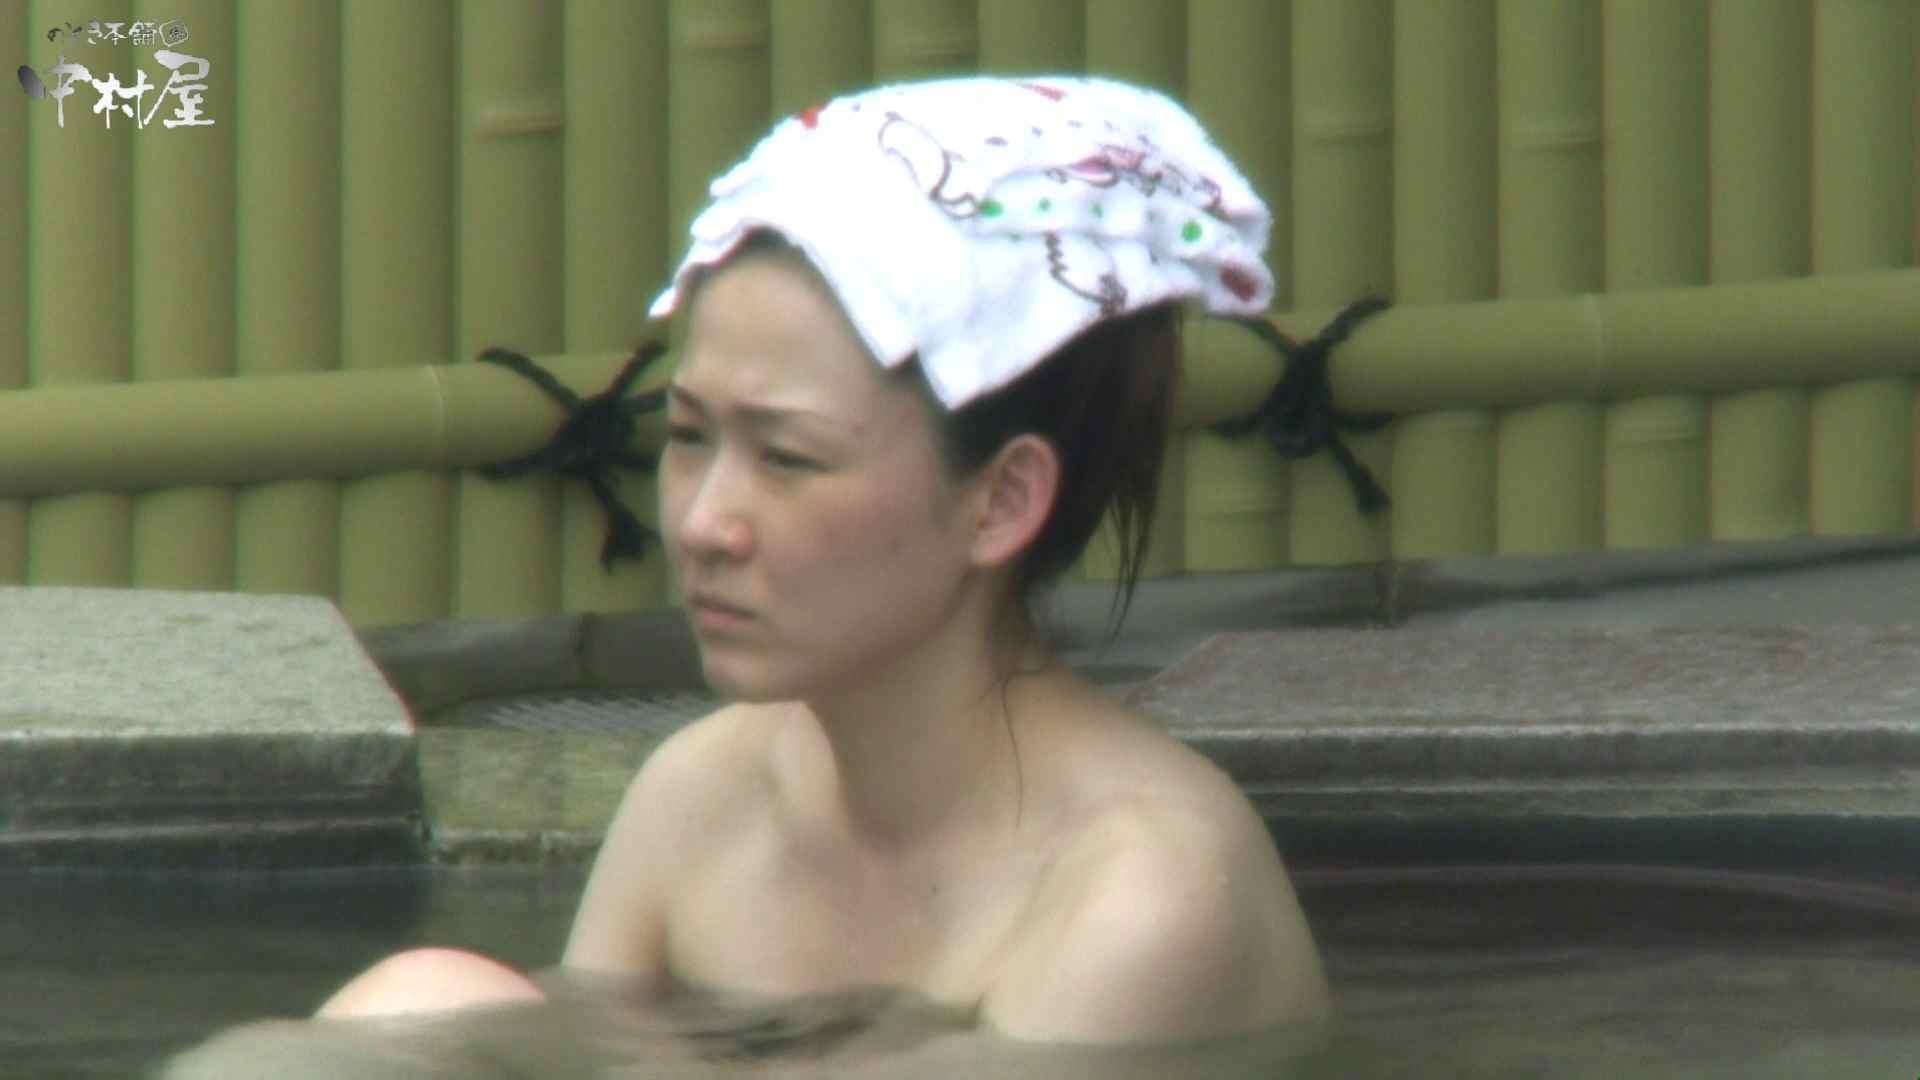 Aquaな露天風呂Vol.943 露天風呂  11枚 2